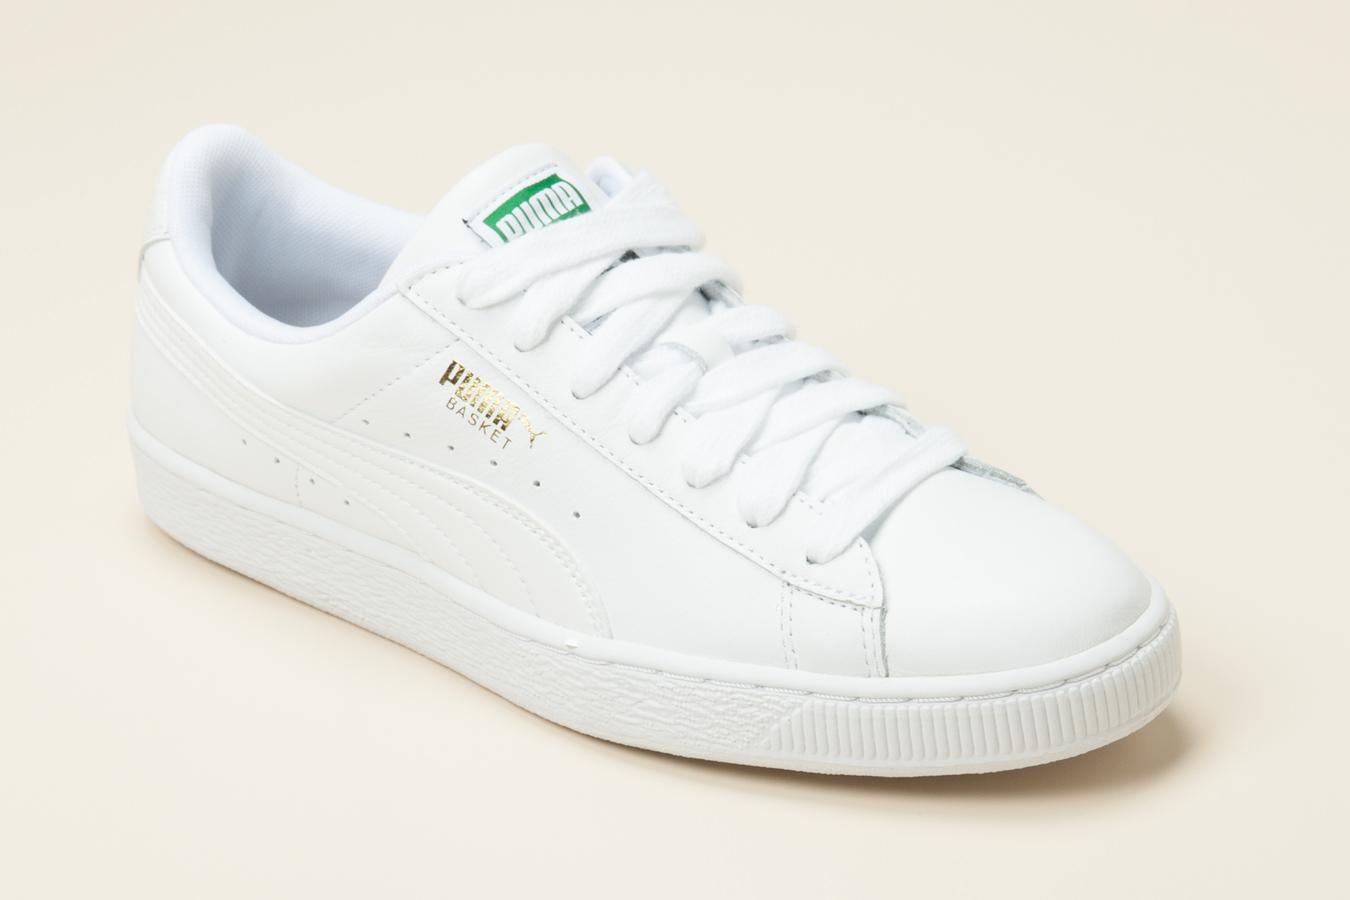 Herren im Online Shop   Der Schwab Versand   Schuhe